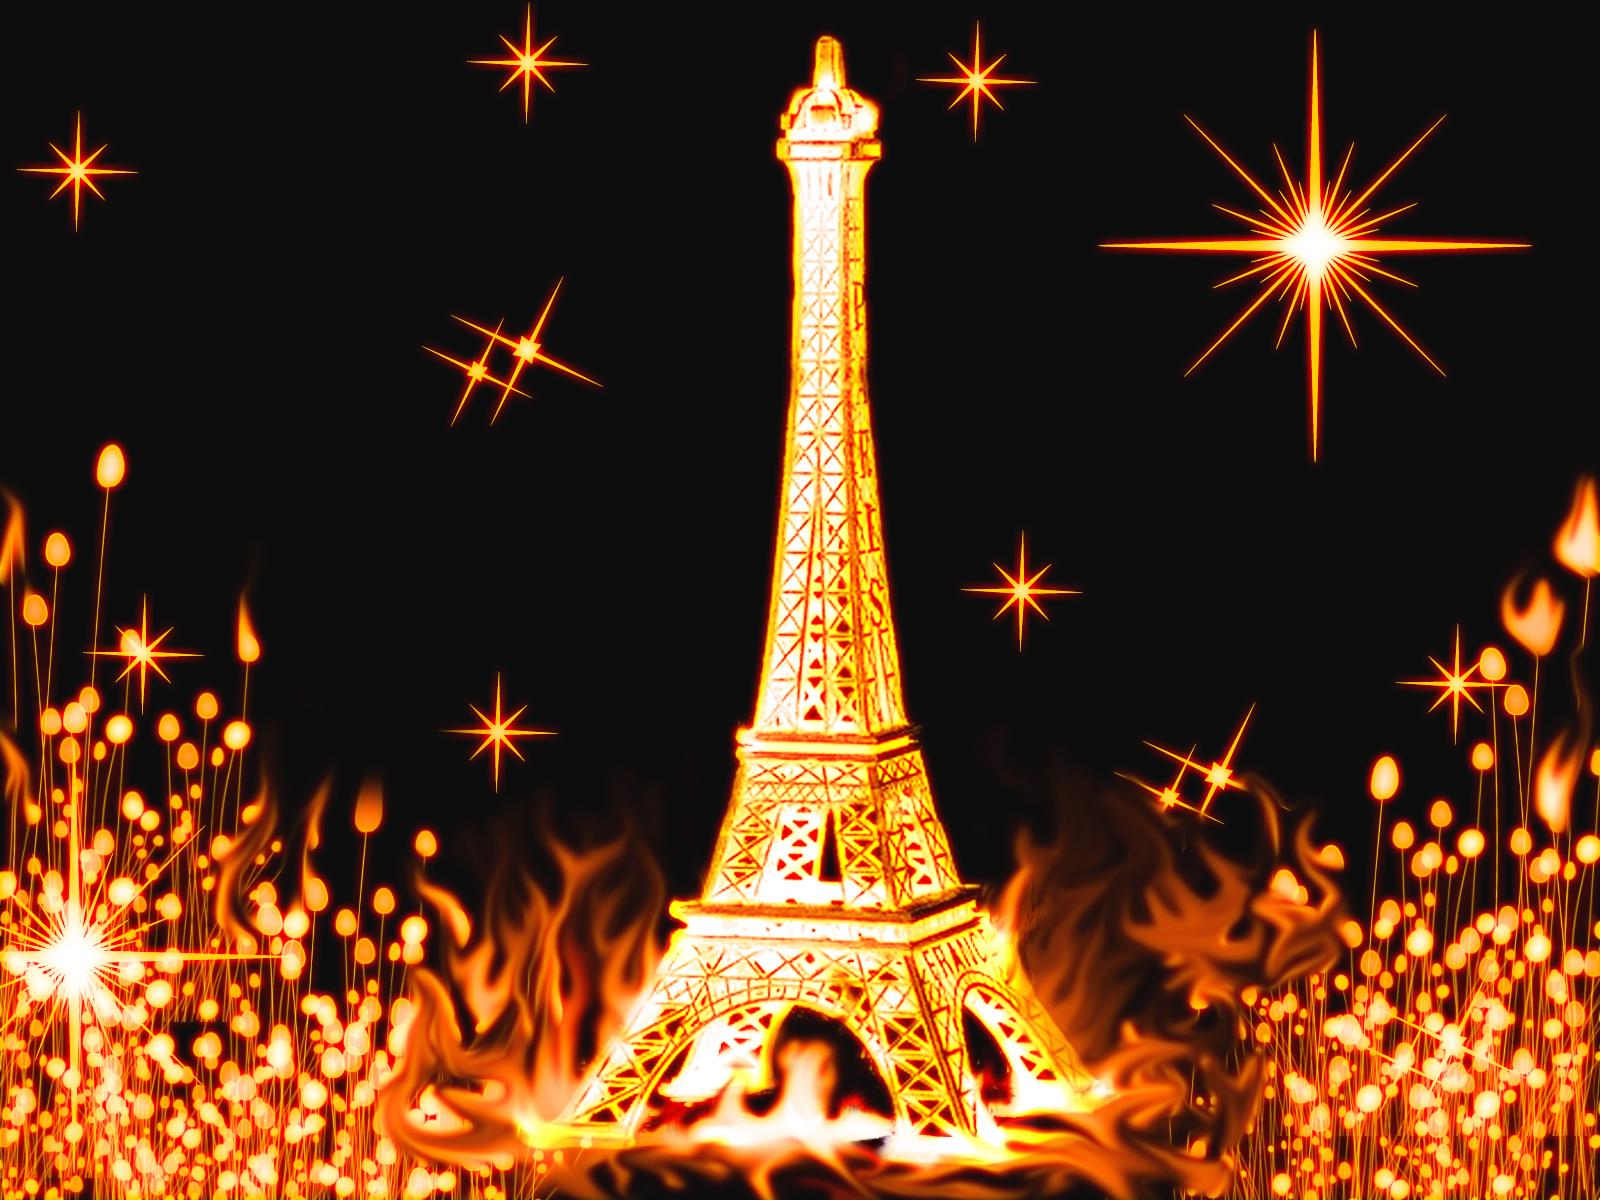 11304 скачать обои Арт, Звезды, Архитектура, Эйфелева Башня - заставки и картинки бесплатно